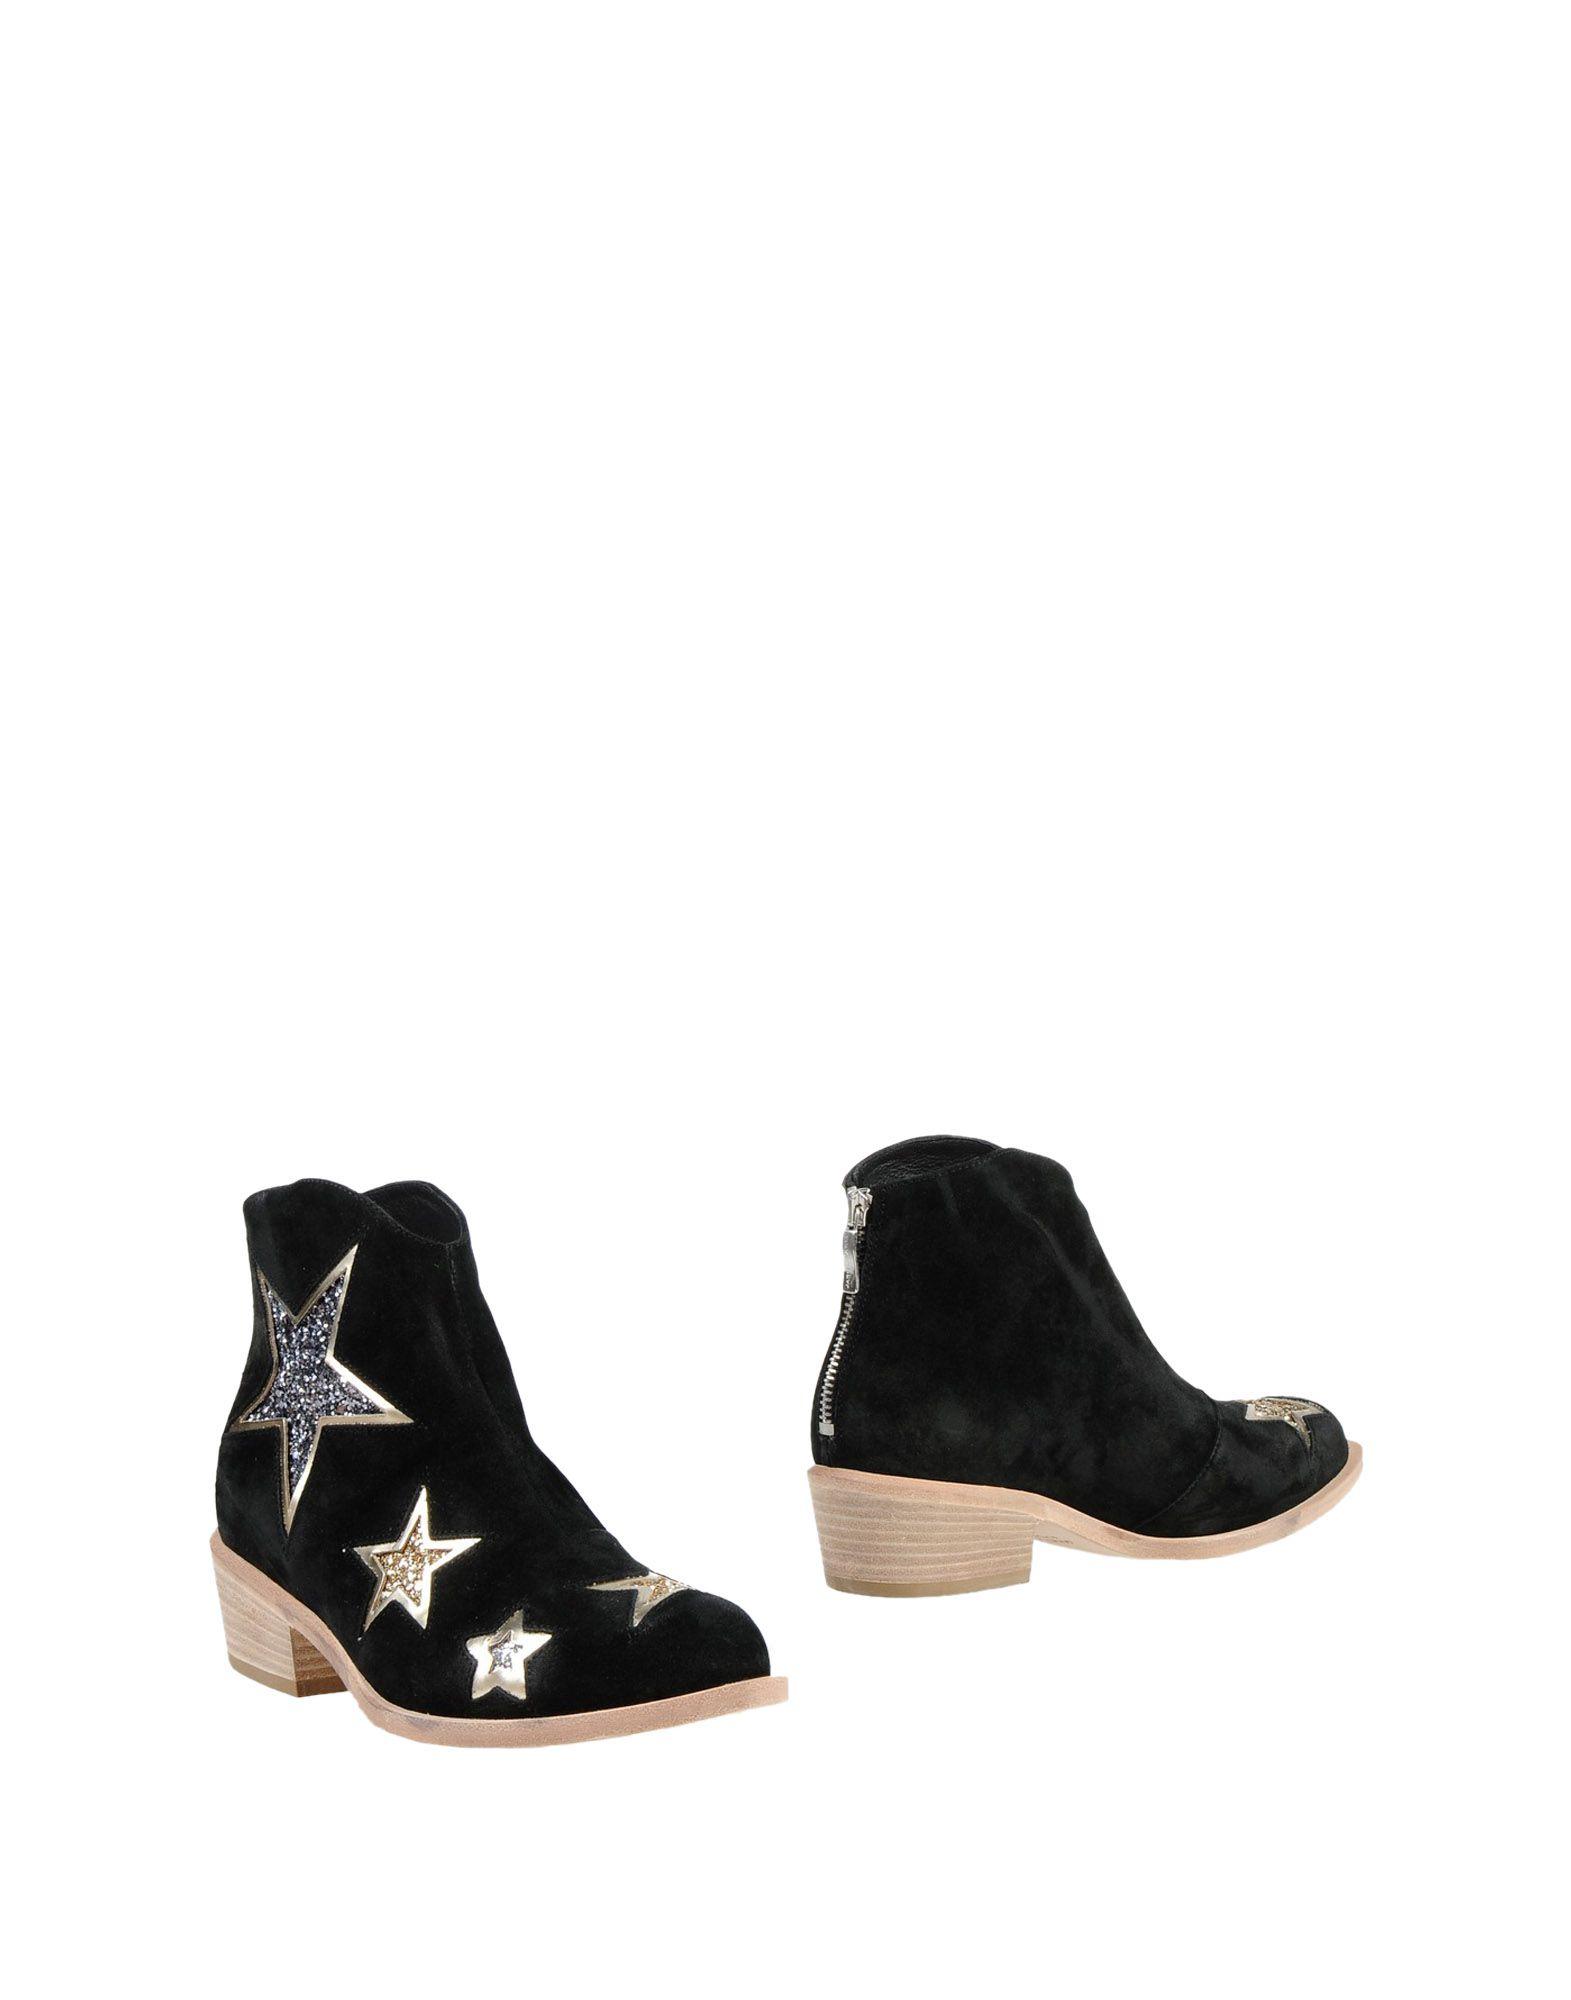 Janet & Janet Stiefelette Damen  11399718AE Gute Qualität beliebte Schuhe